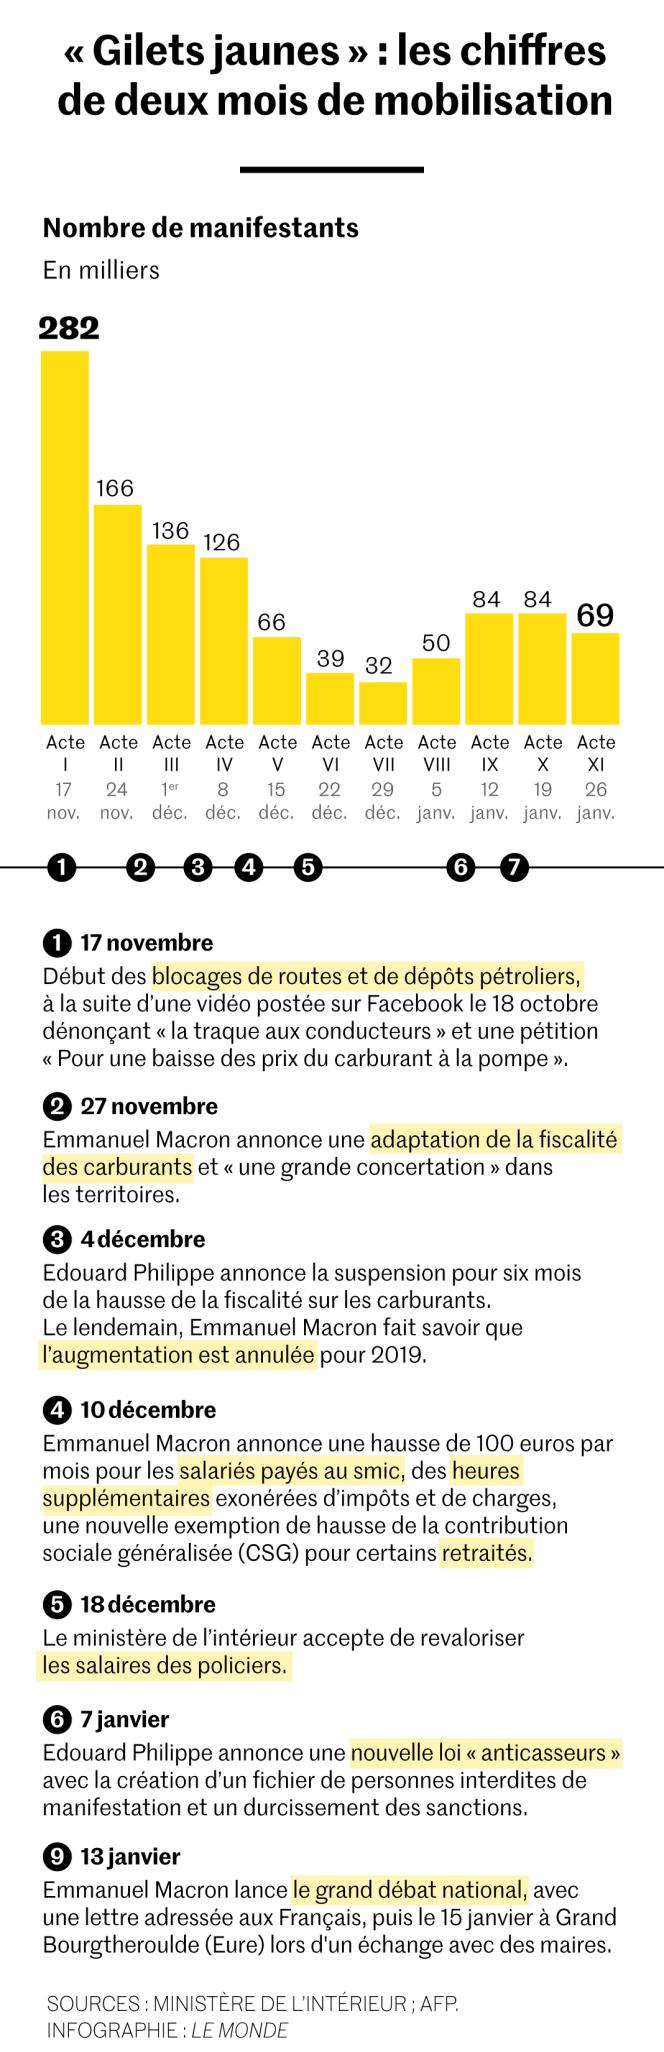 Le bilan chiffré de deux mois de mobilisation des« gilets jaunes»